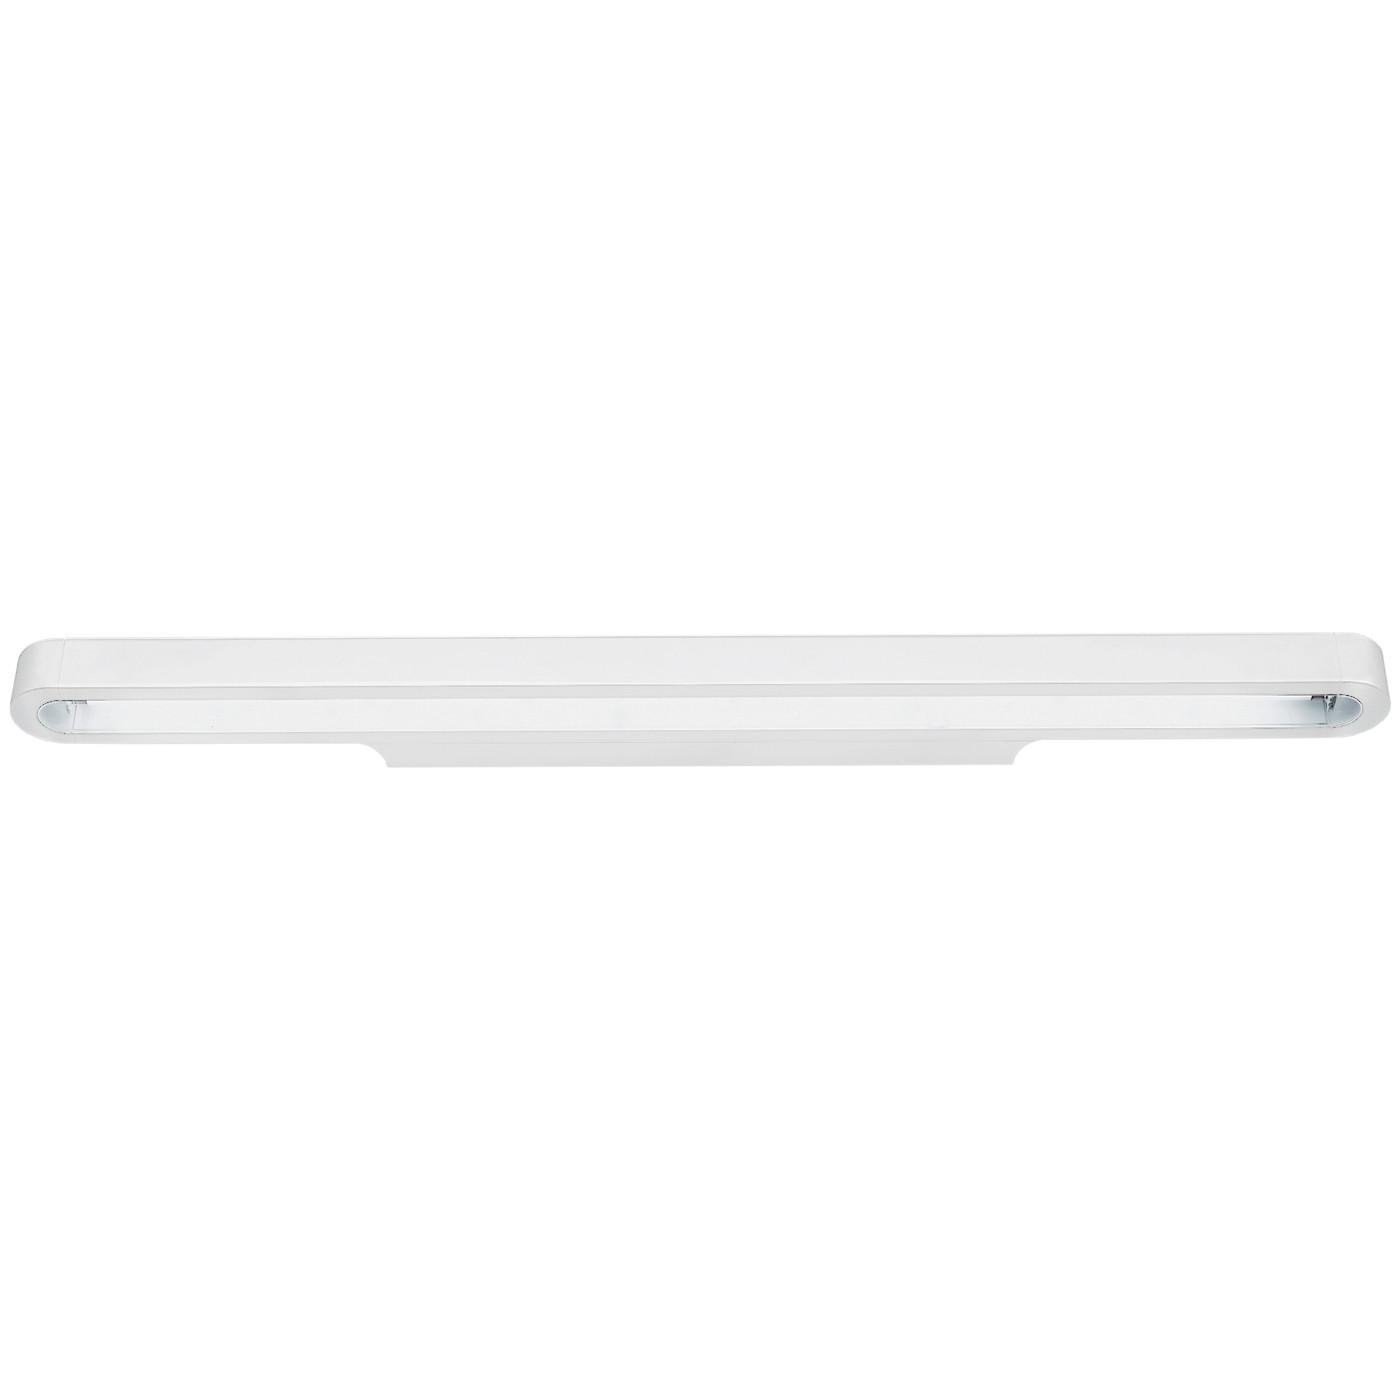 Artemide Talo Parete 120 LED